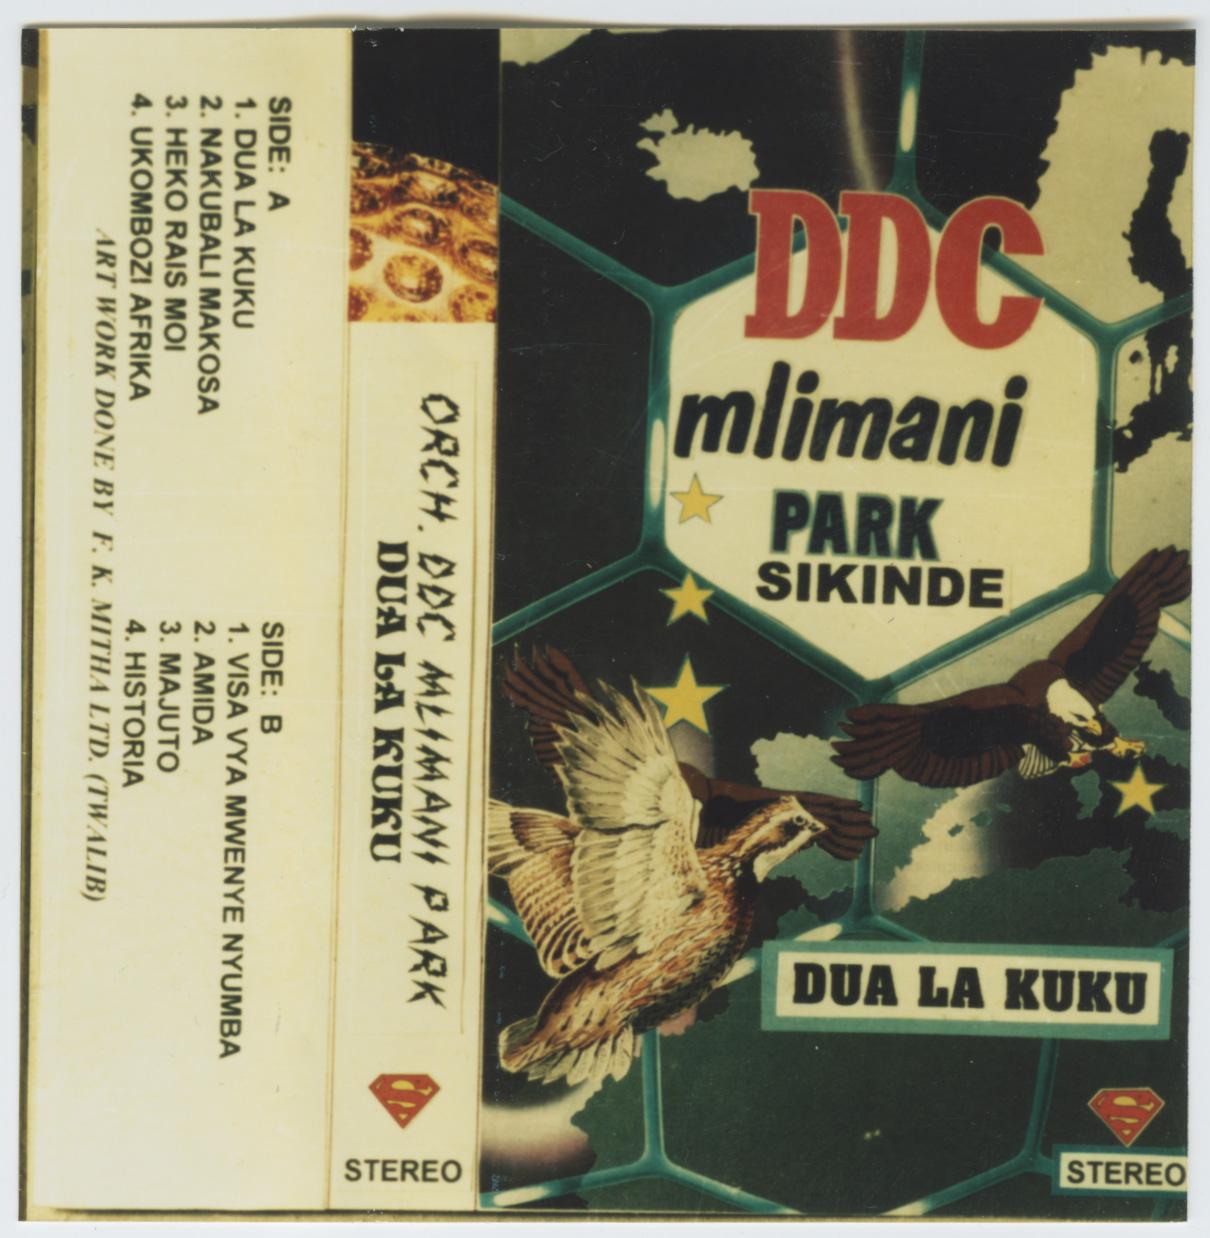 D.D.C. Mlimani Park Orchestre – Dua La Kuku 80s TANZANIAN Folk Soukous Music ALBUM LP